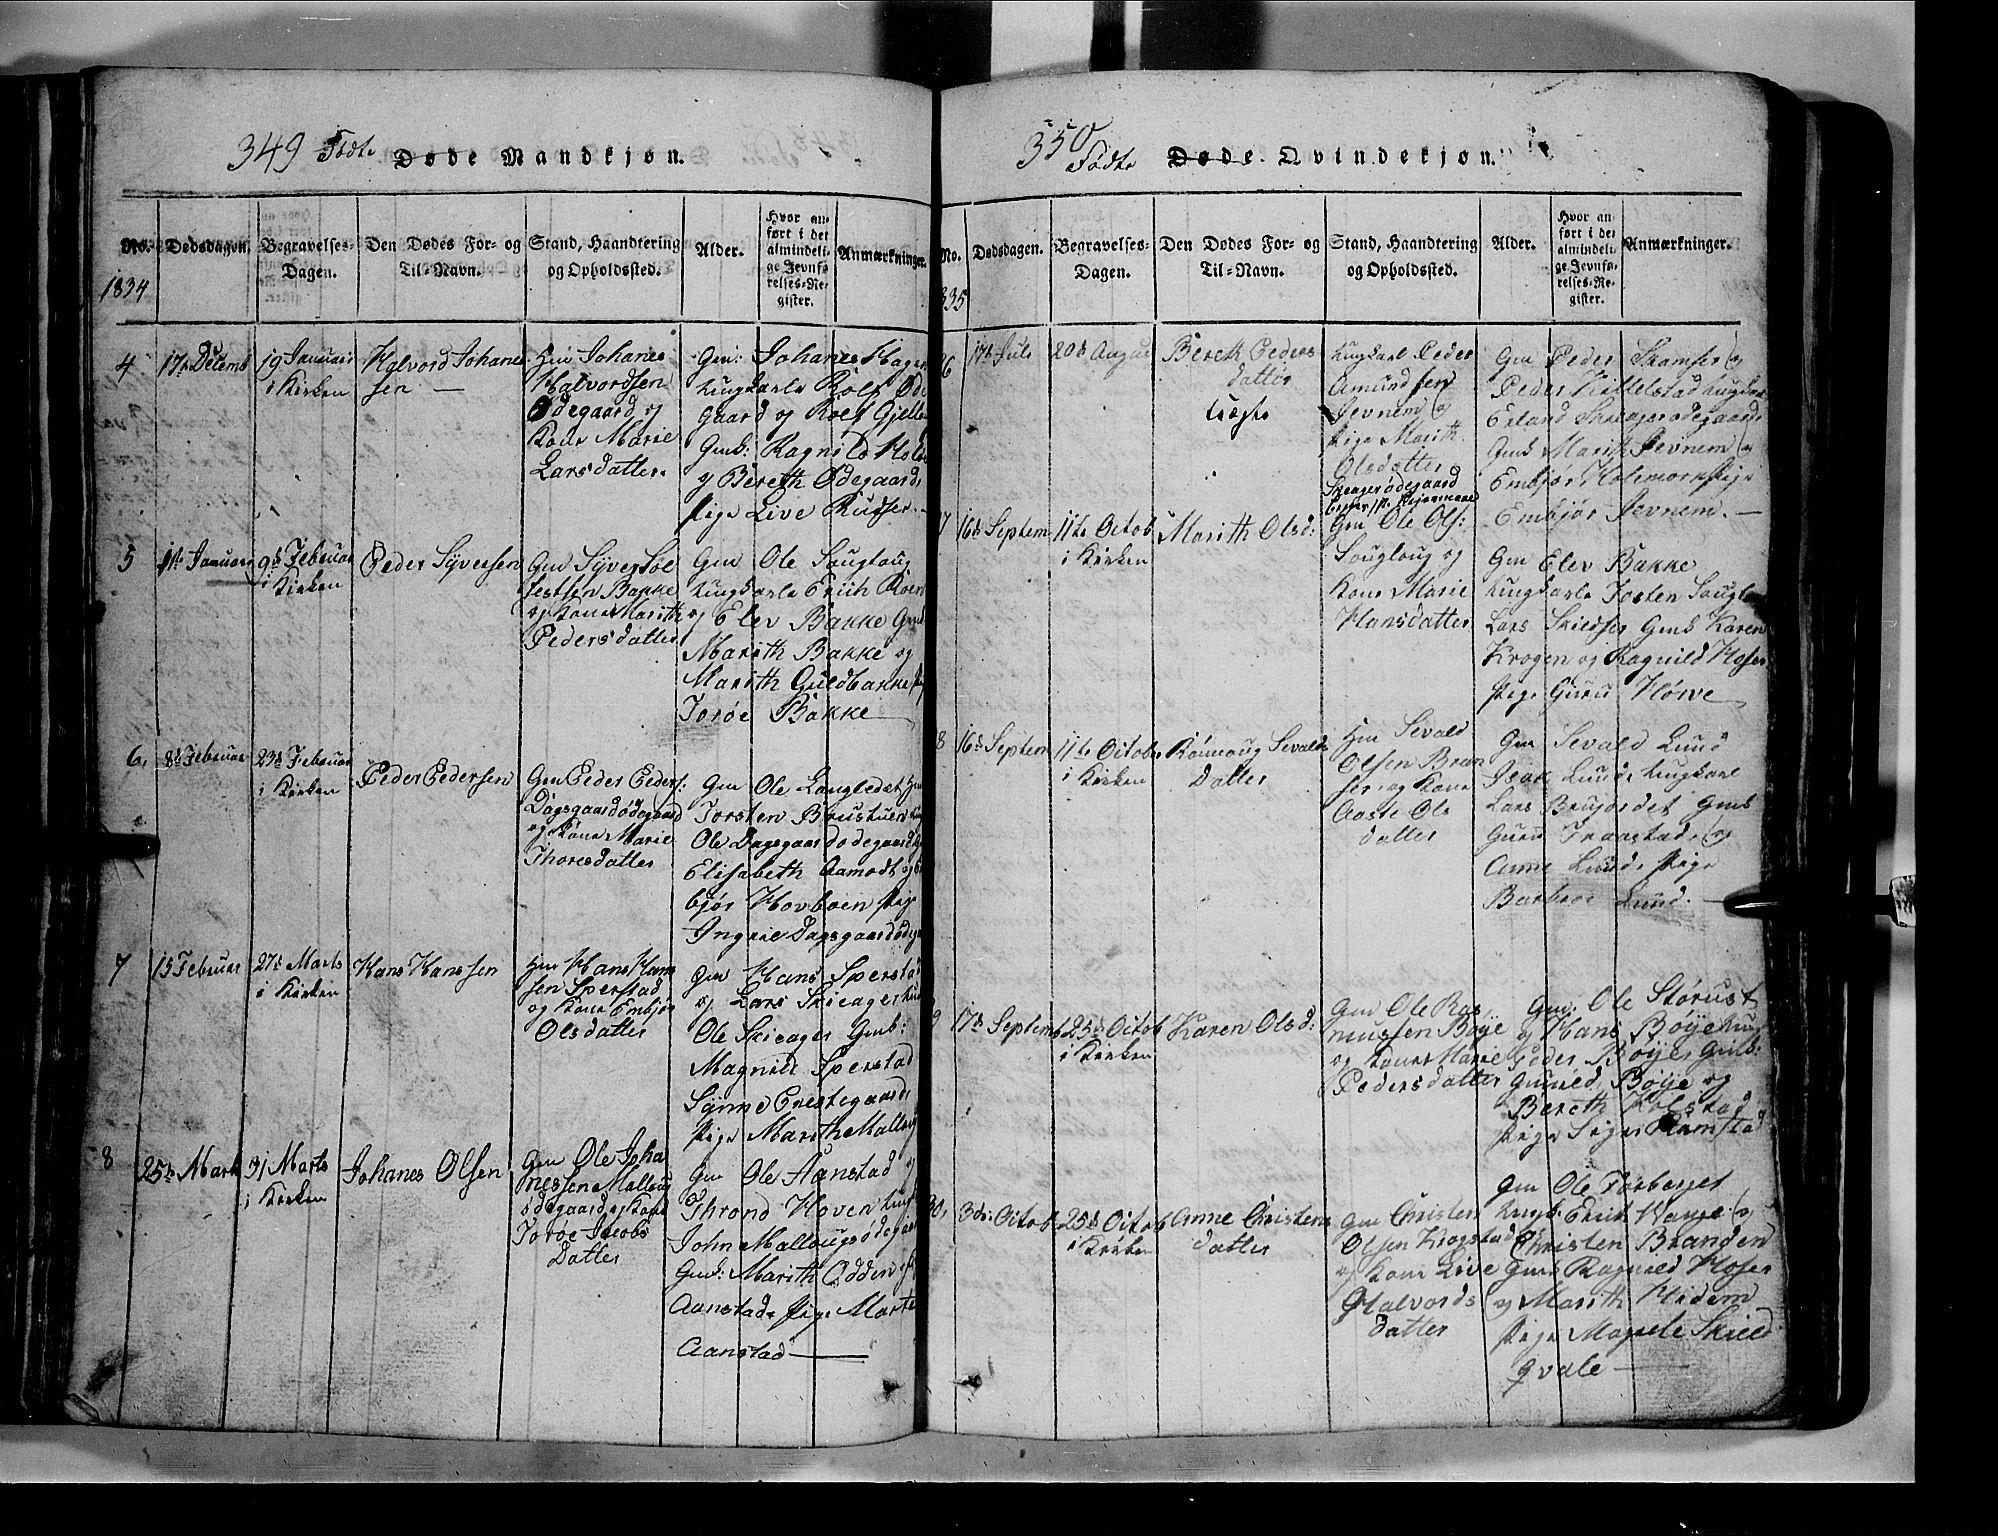 SAH, Lom prestekontor, L/L0003: Klokkerbok nr. 3, 1815-1844, s. 349-350